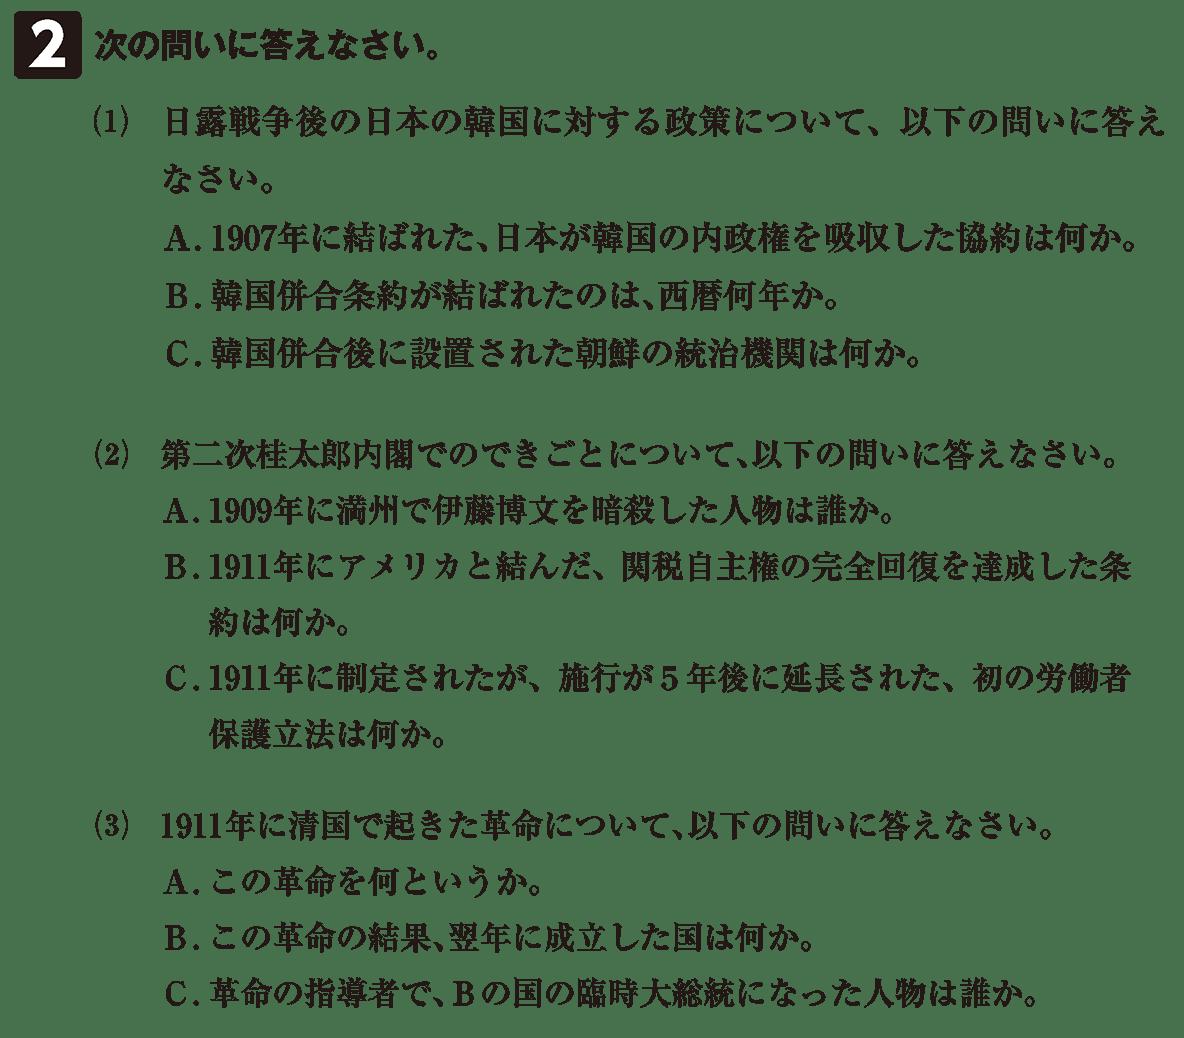 近代48 問題2 カッコ空欄